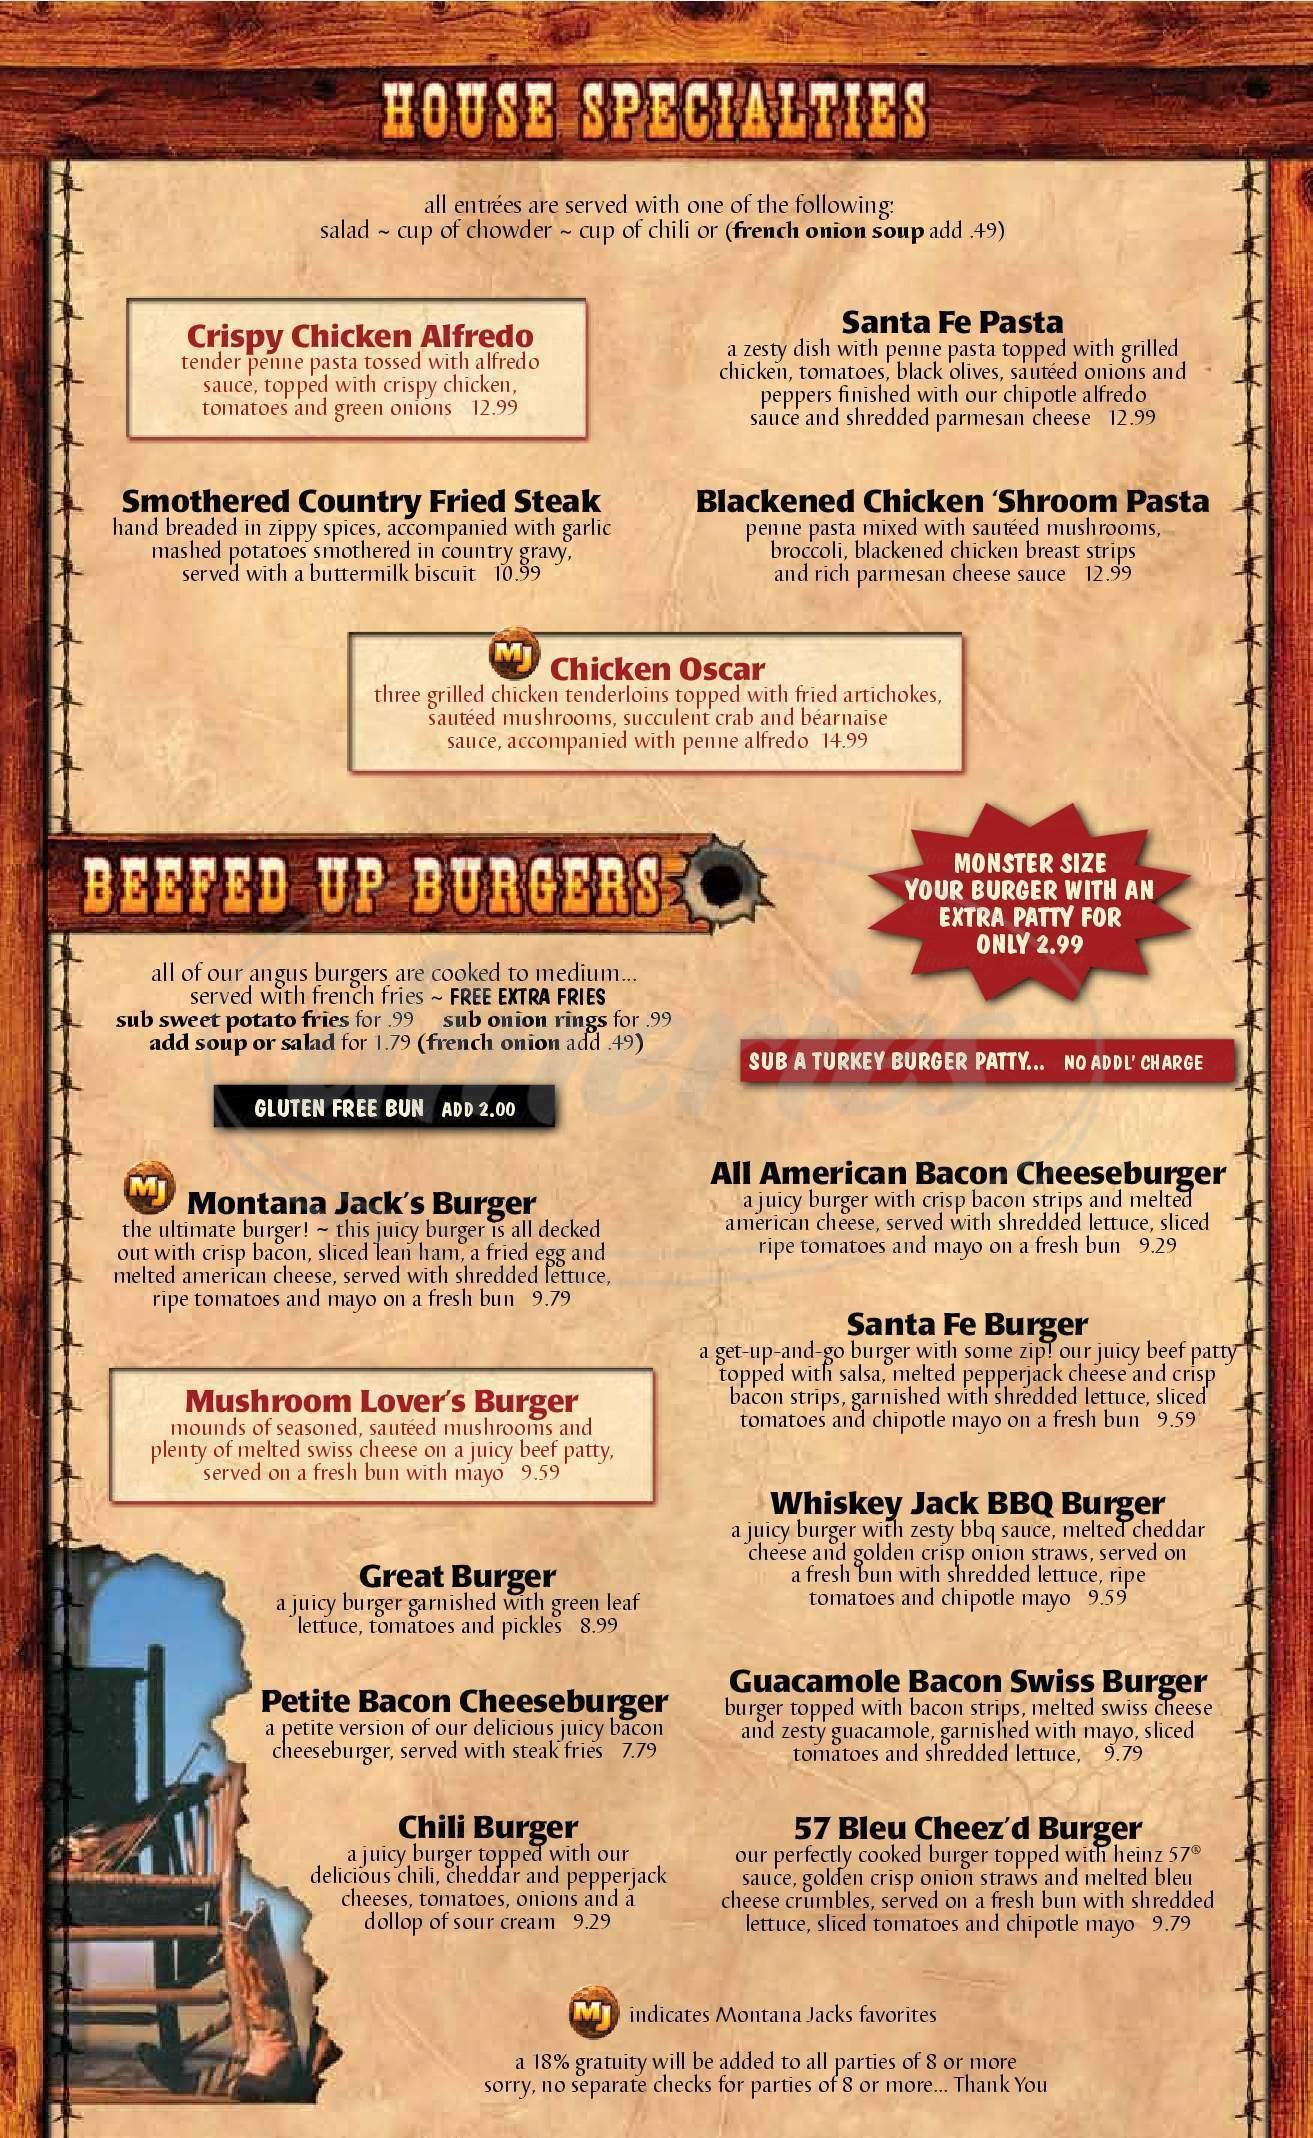 menu for Montana Jacks